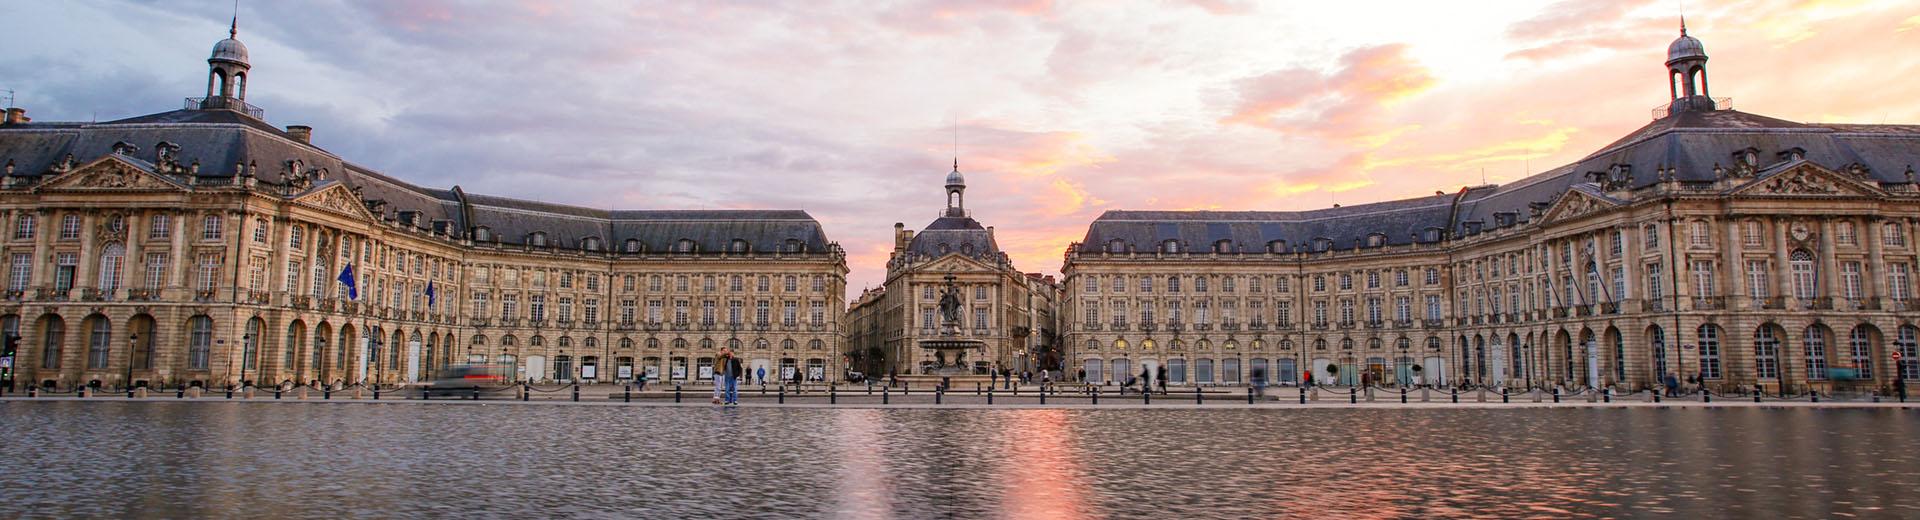 Voyage en groupe Bordeaux - offre économique